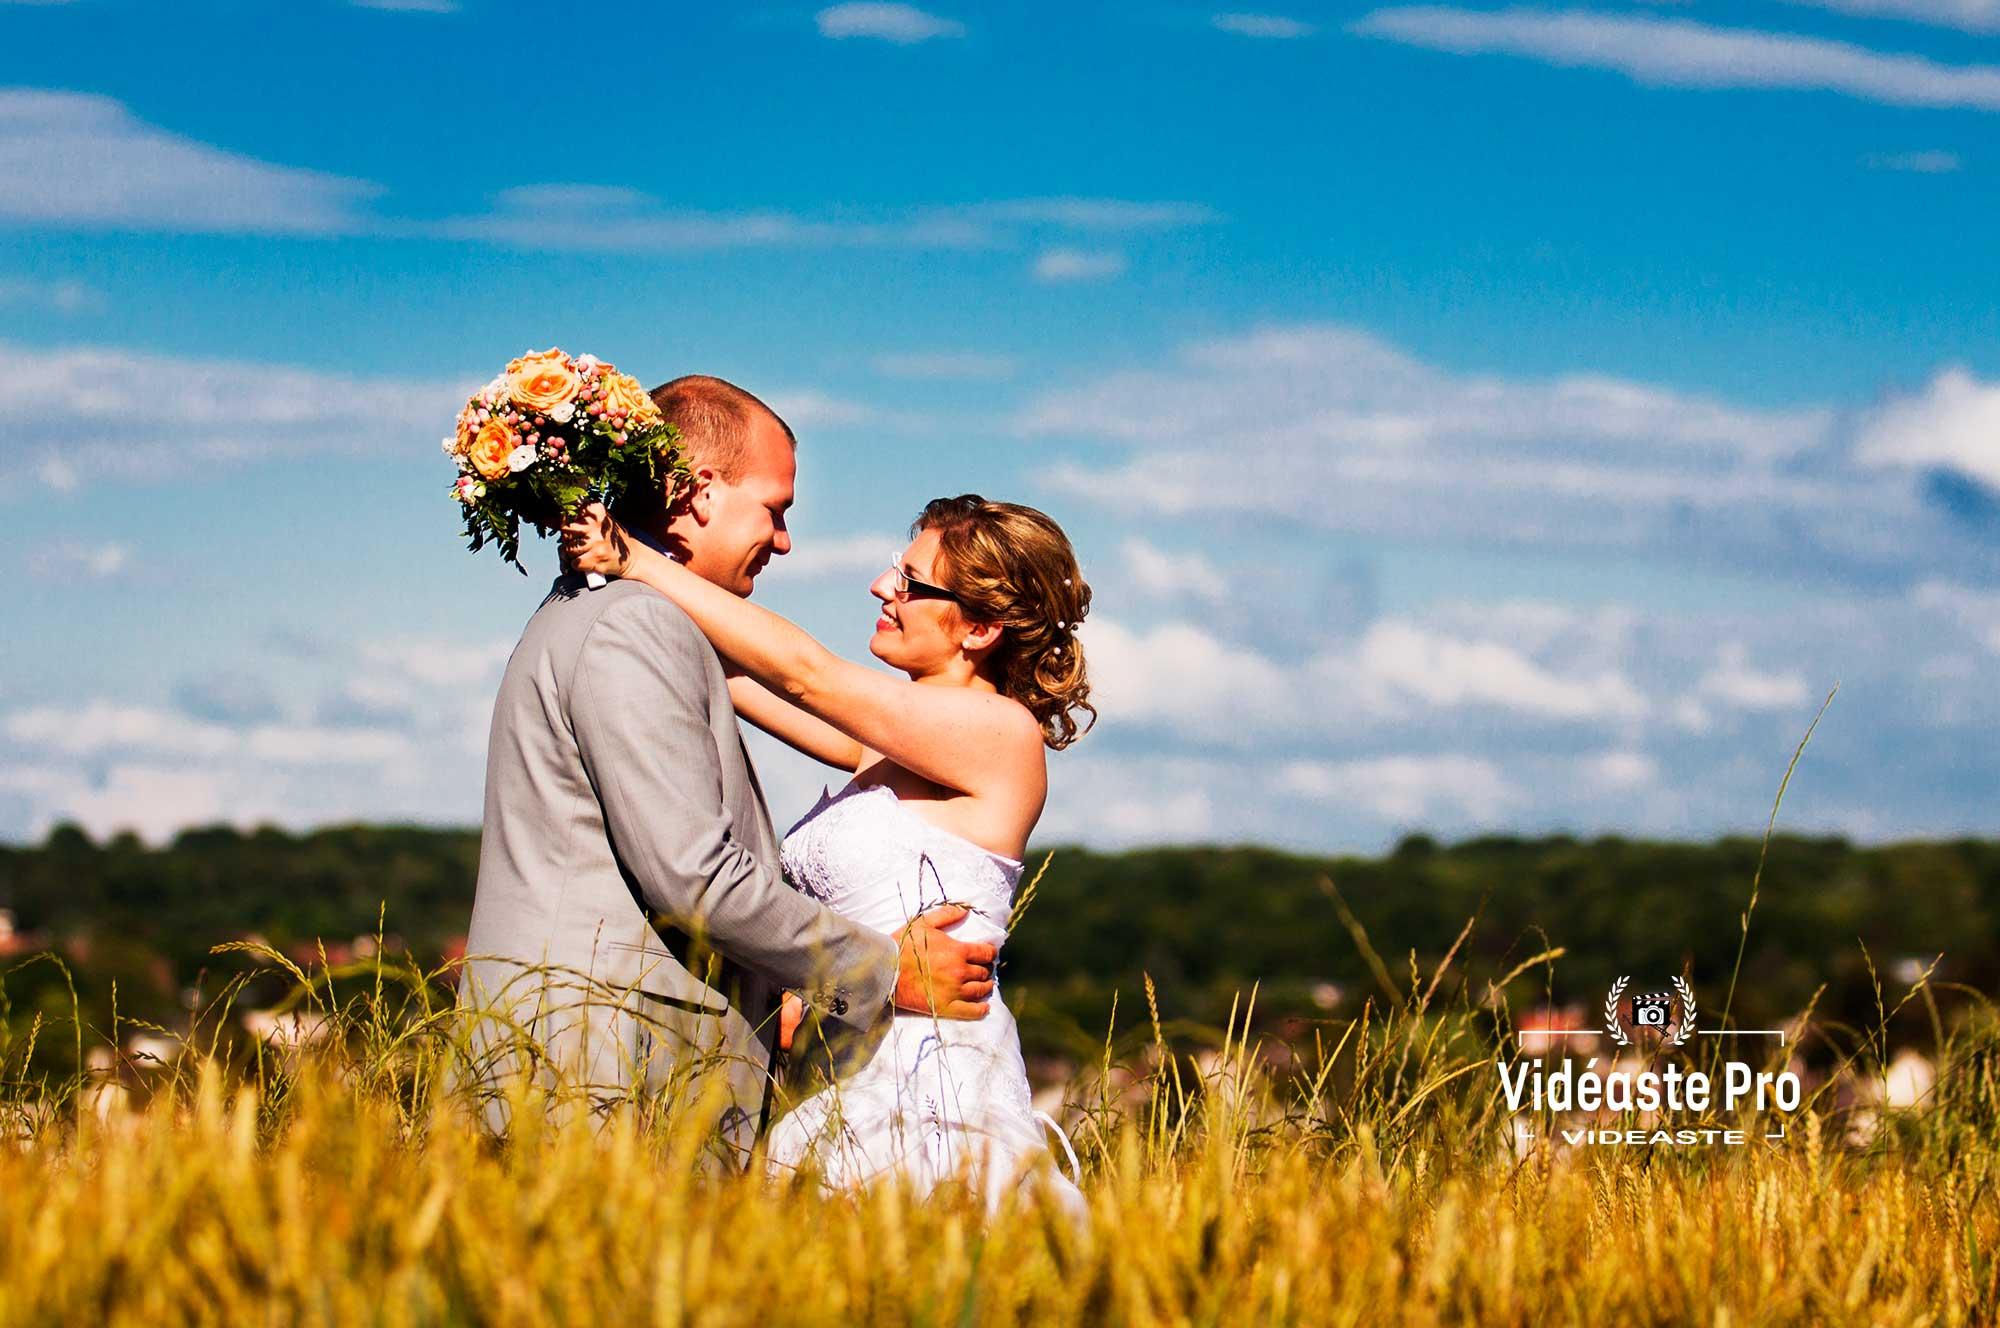 Tarifs vidéaste couple Val d'Oise, tarif prix cameraman couple Val d'Oise, prix tarif séance vidéo mariage couple en Val d'Oise